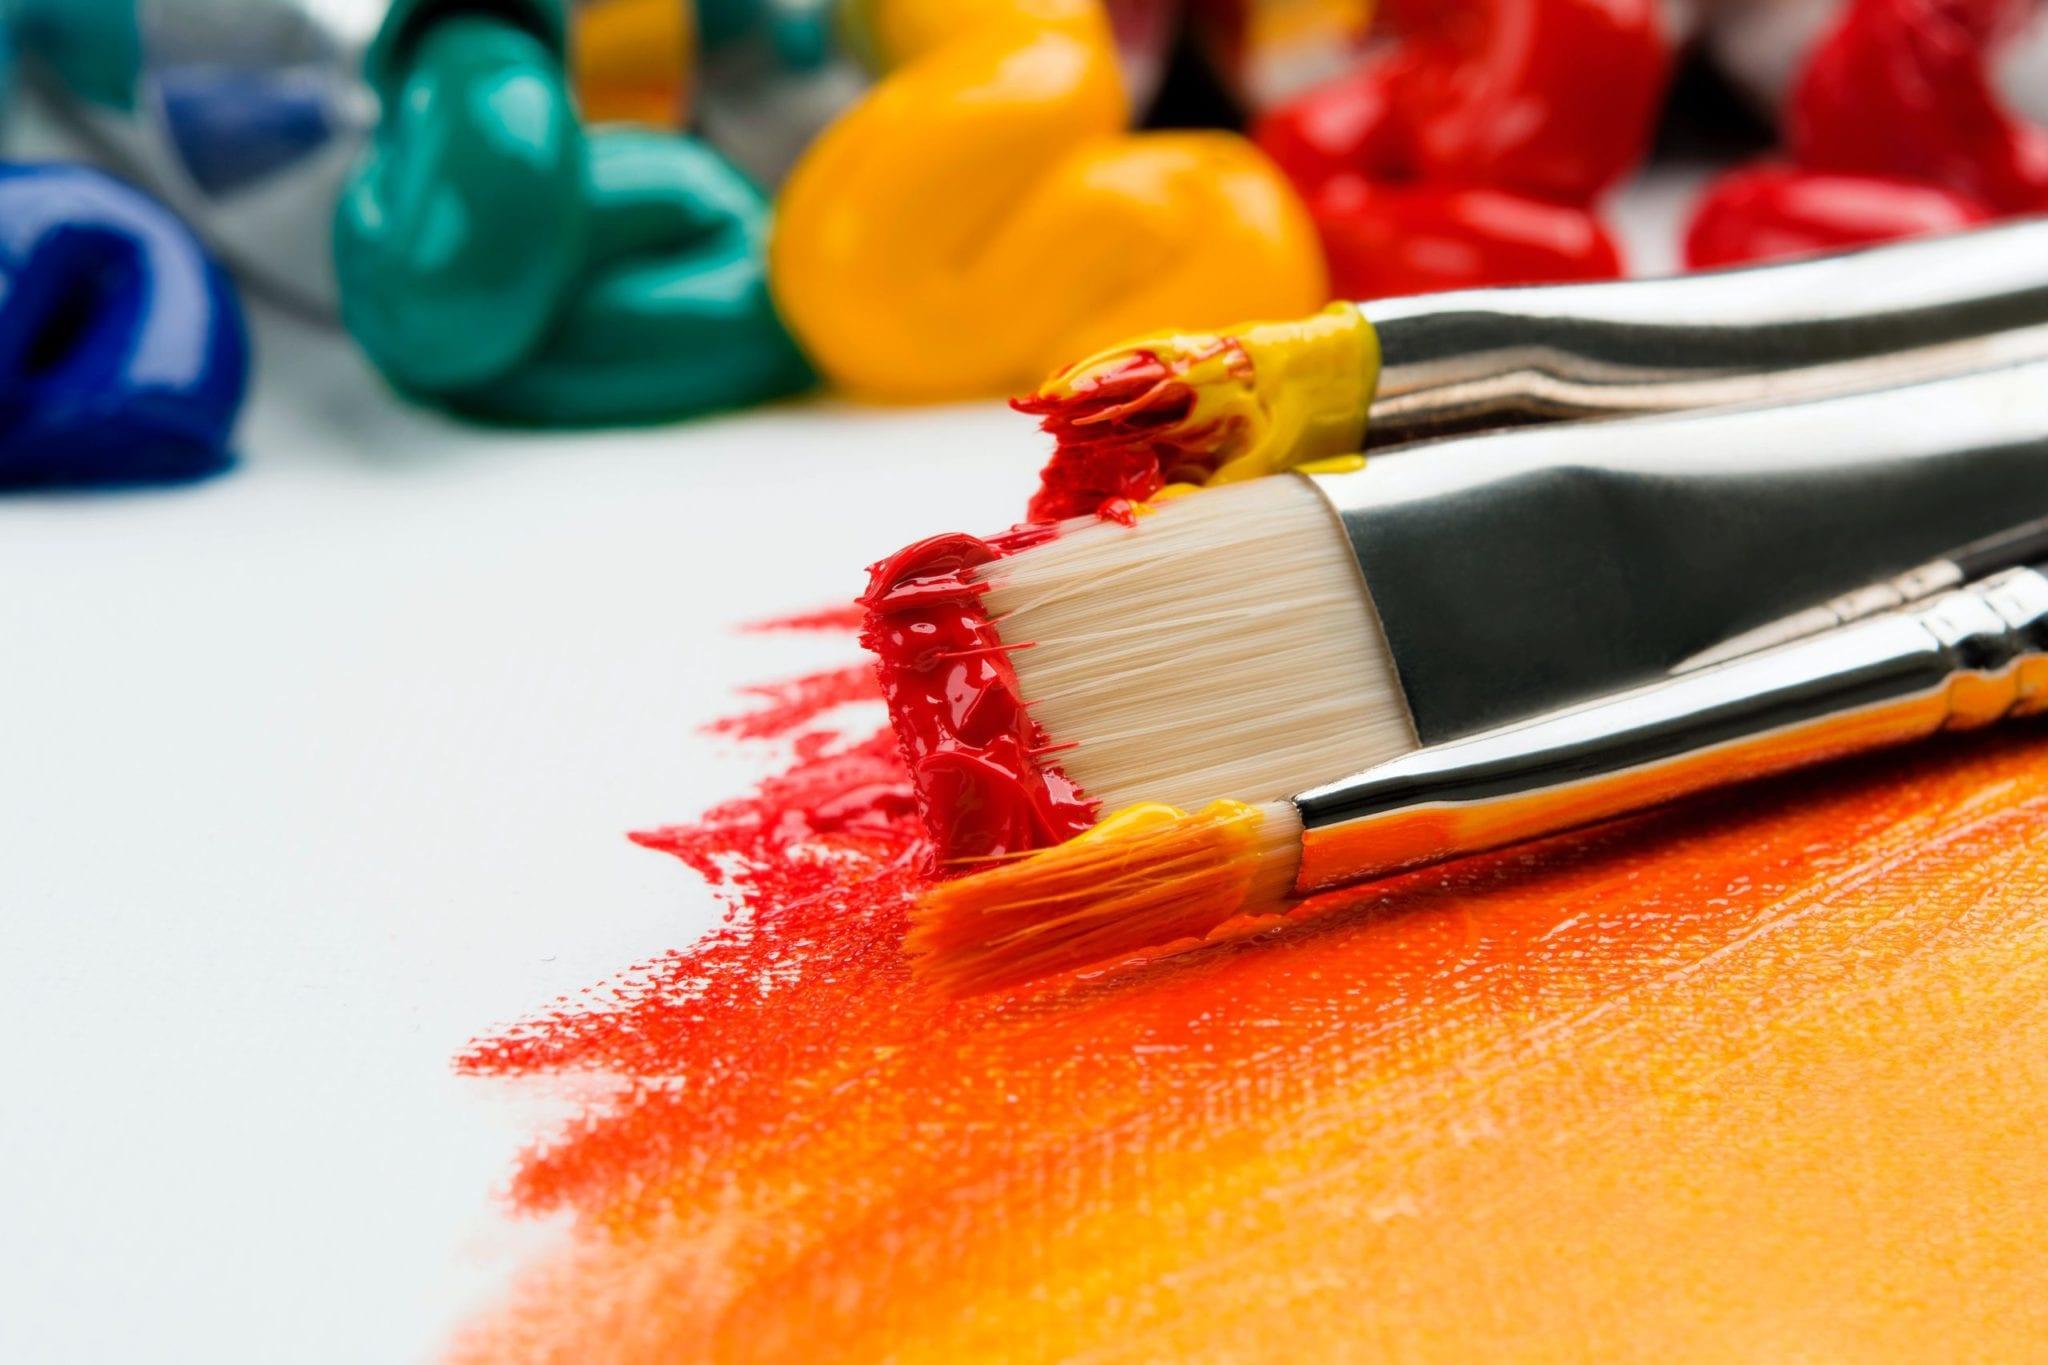 deGranero clases de dibujo y pintura de tres horas